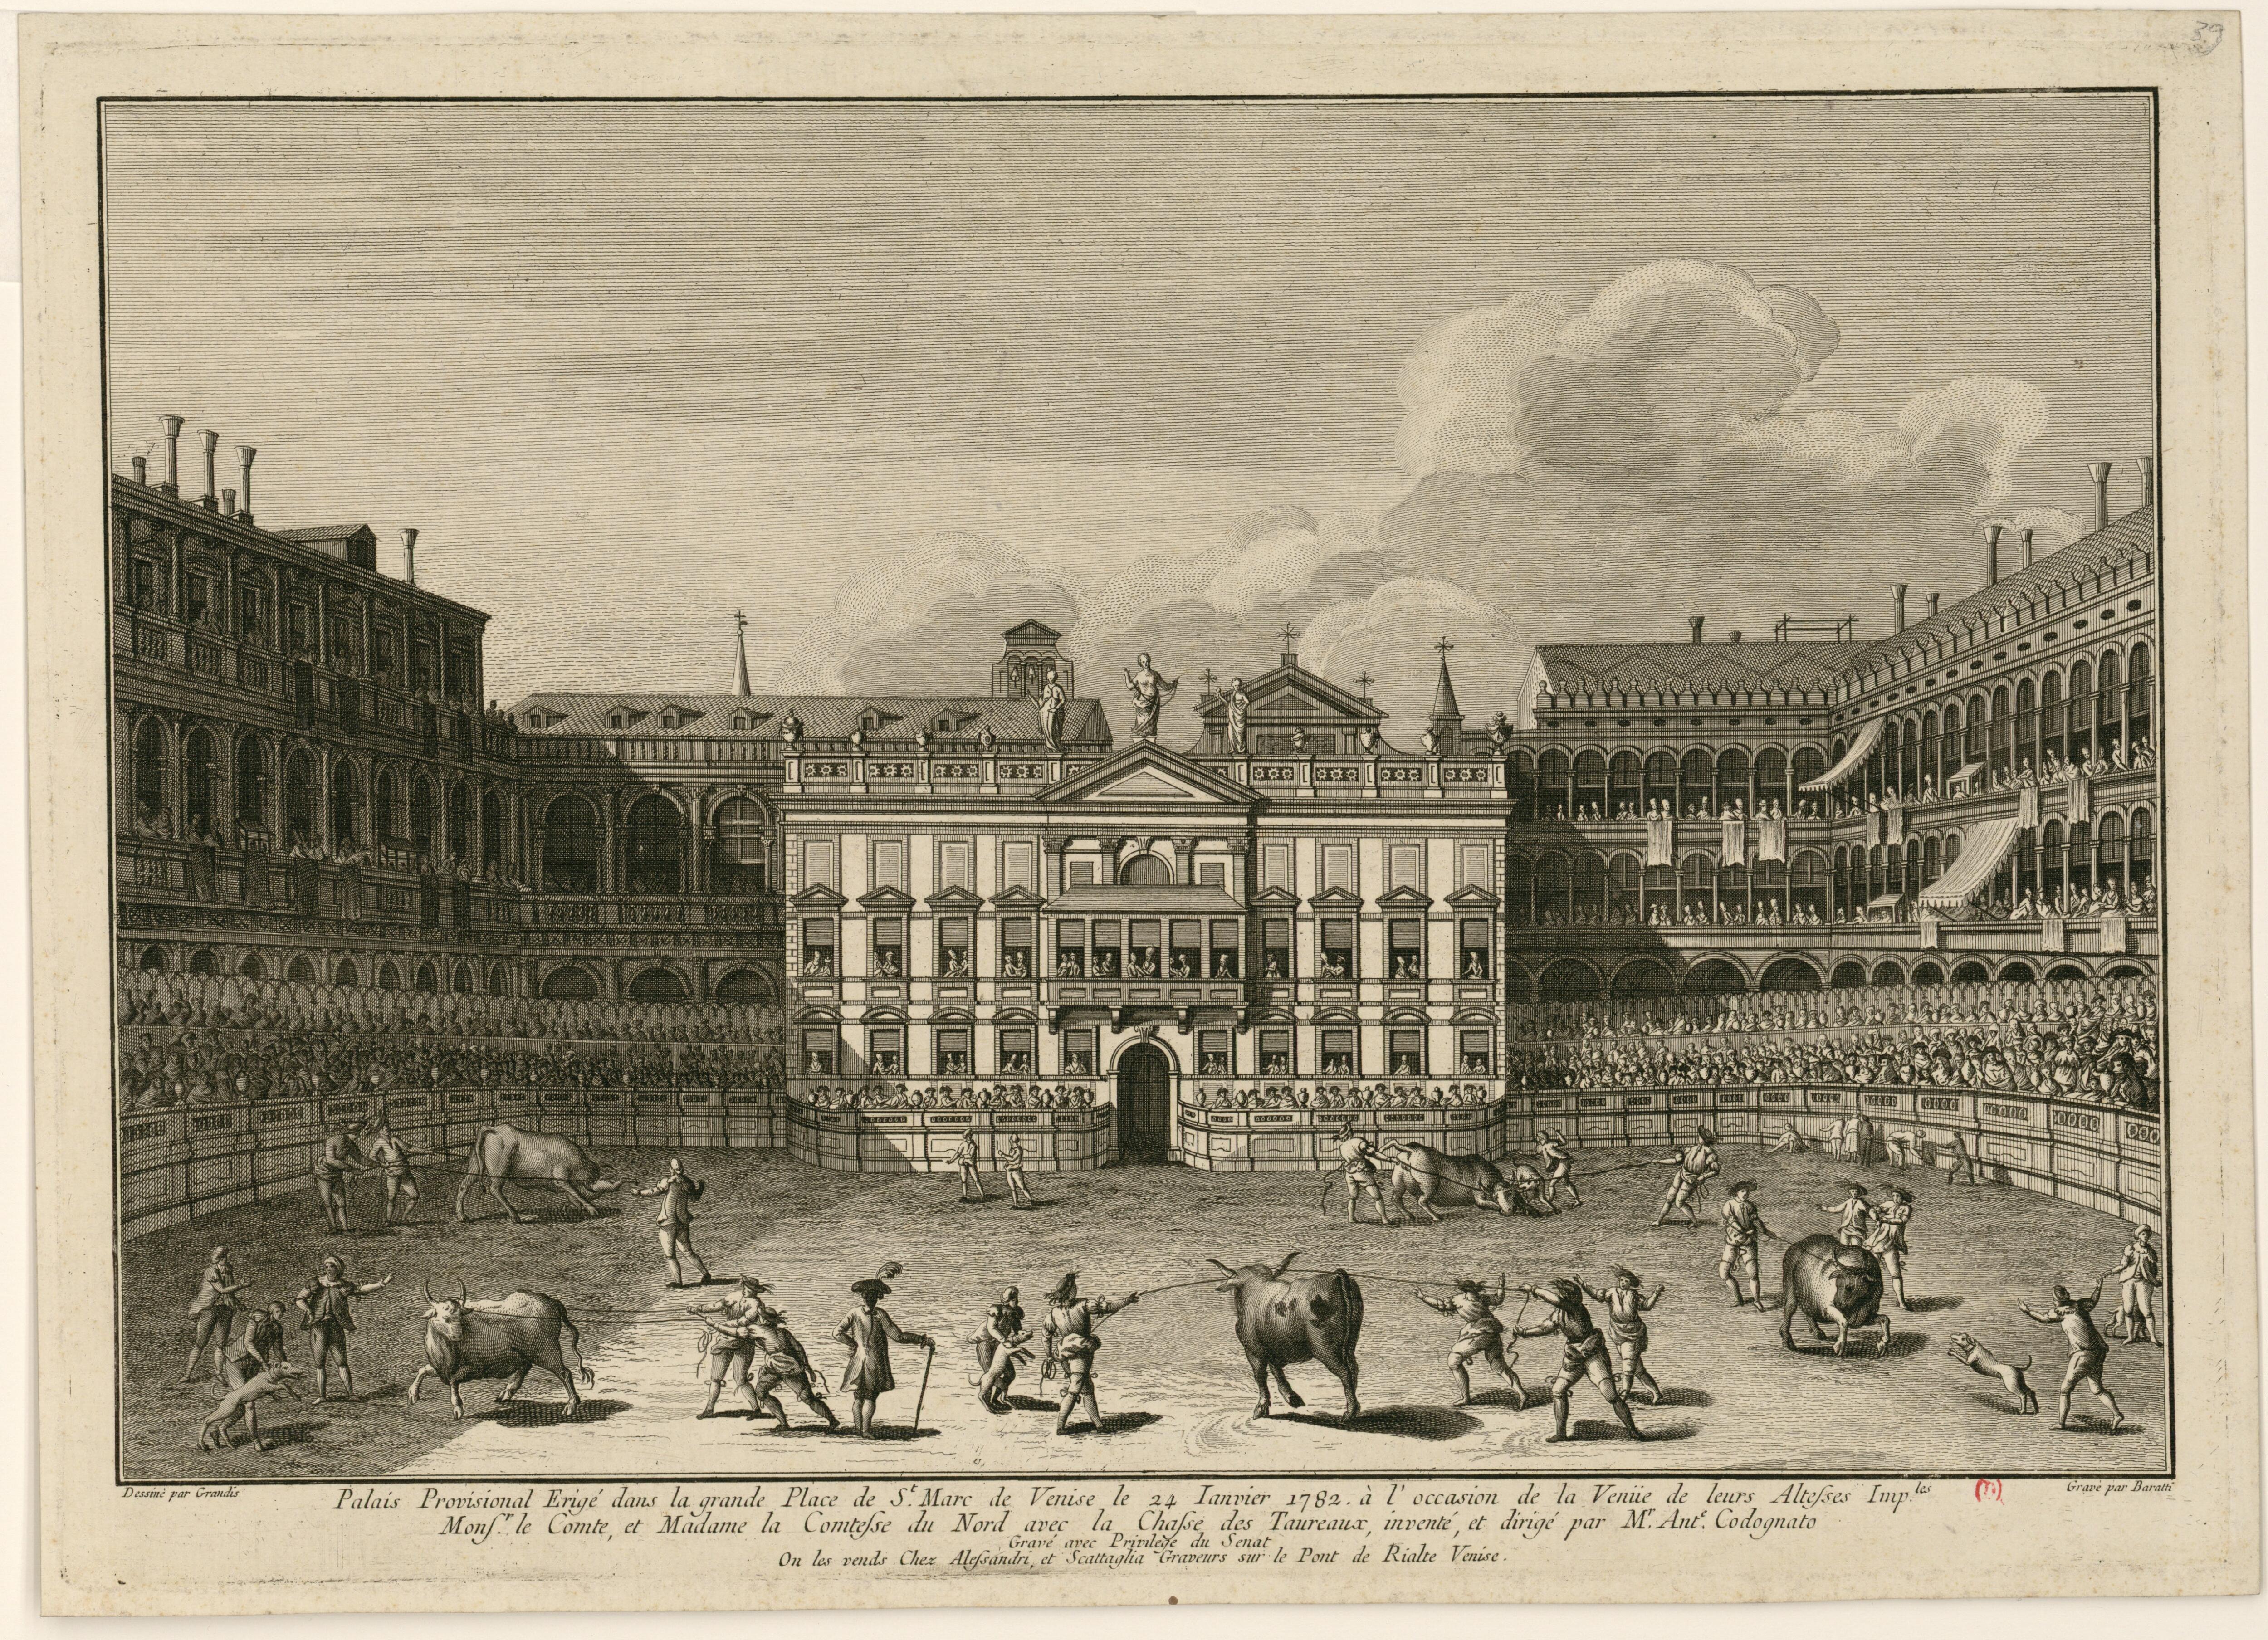 Бой быков у Временного дворца возведенного на площади Сан-Марко 24 января 1782 года по случаю прибывания Их Императорских Высочеств Монсеньора Графа и Мадам Графини Севера